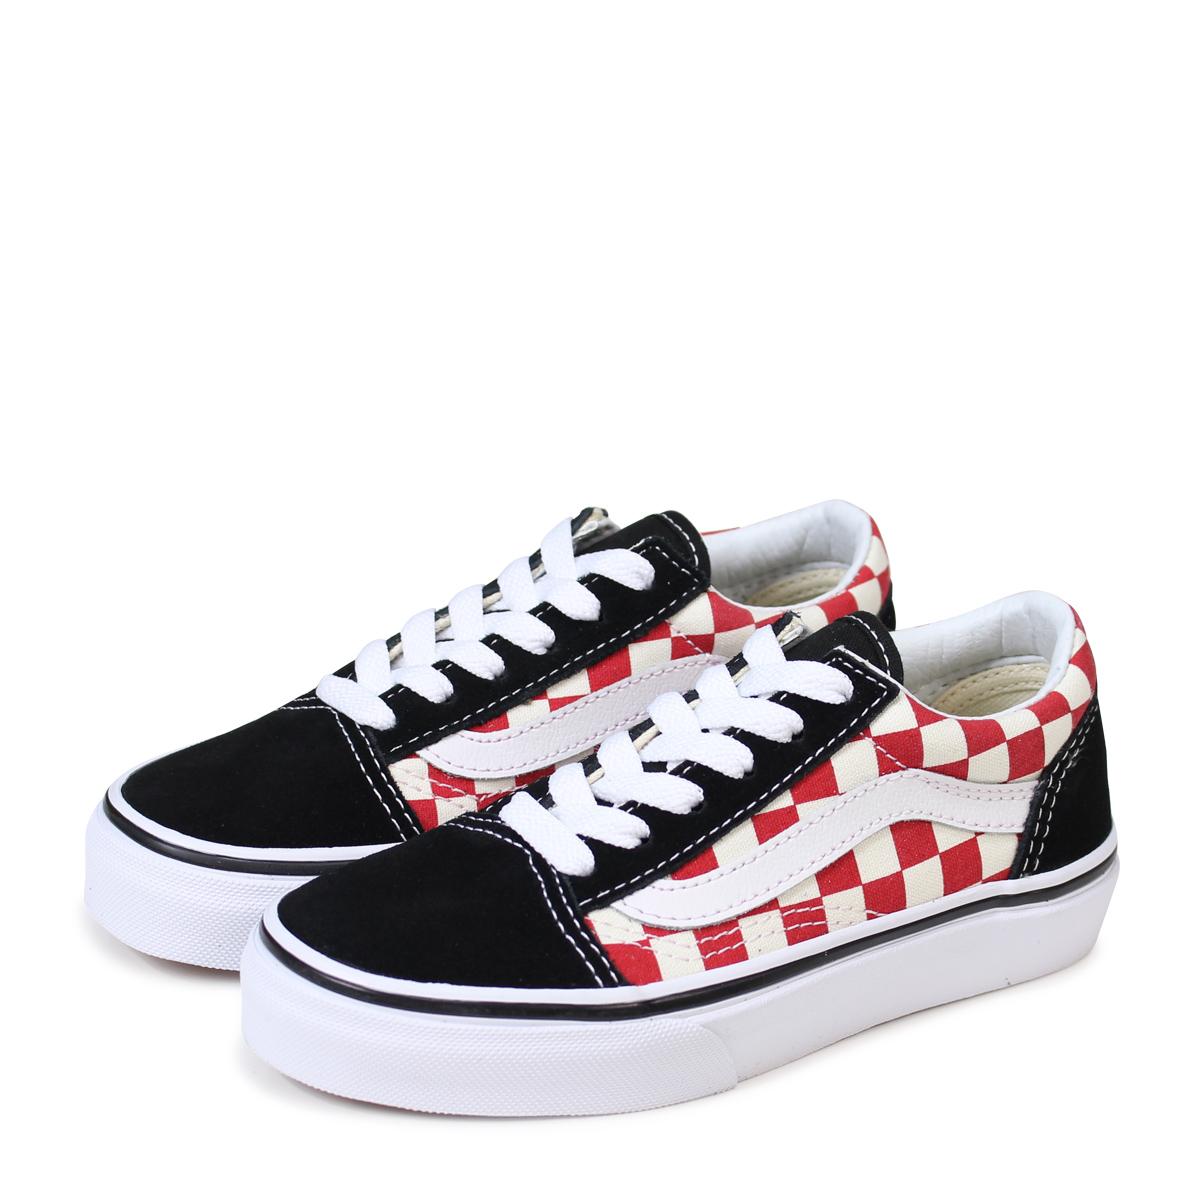 31a043f417 ALLSPORTS  VANS OLD SKOOL old school kids sneakers vans station ...